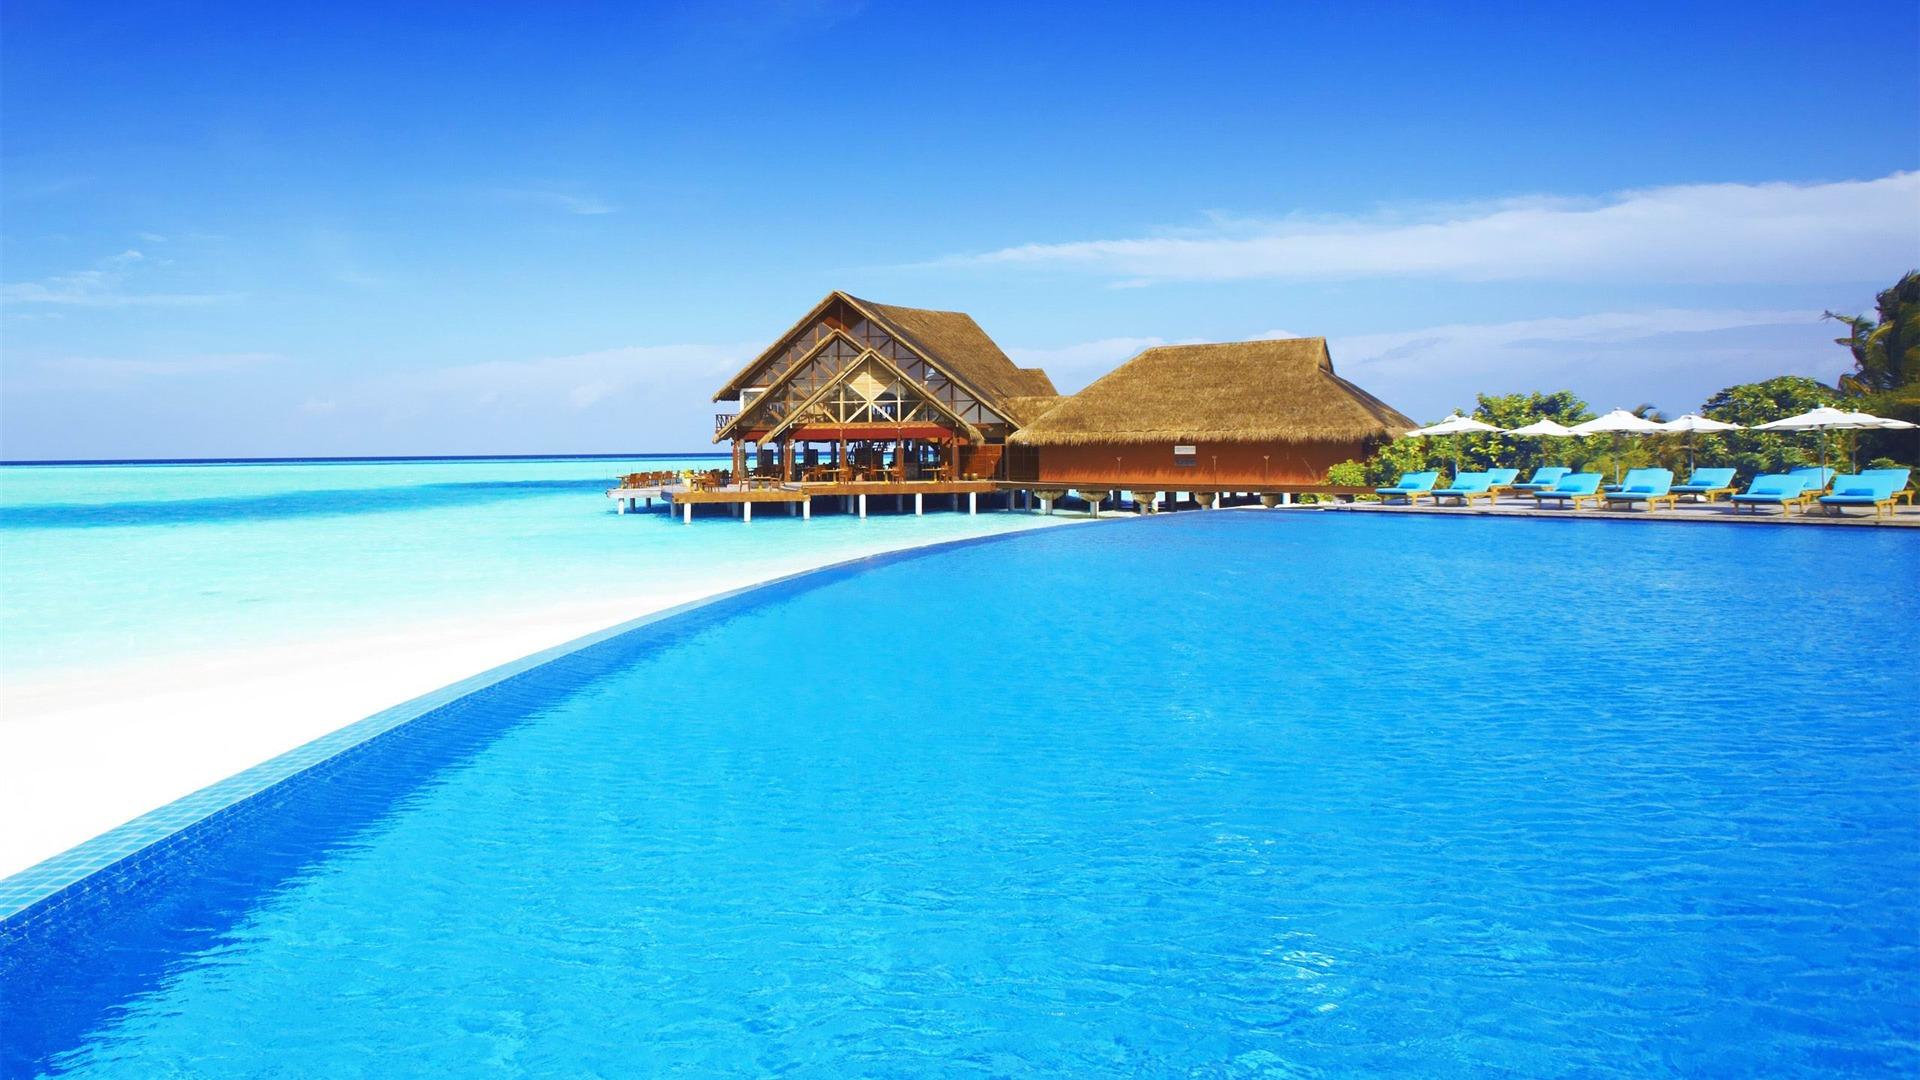 Vacanta 7 zile Male - Maldive